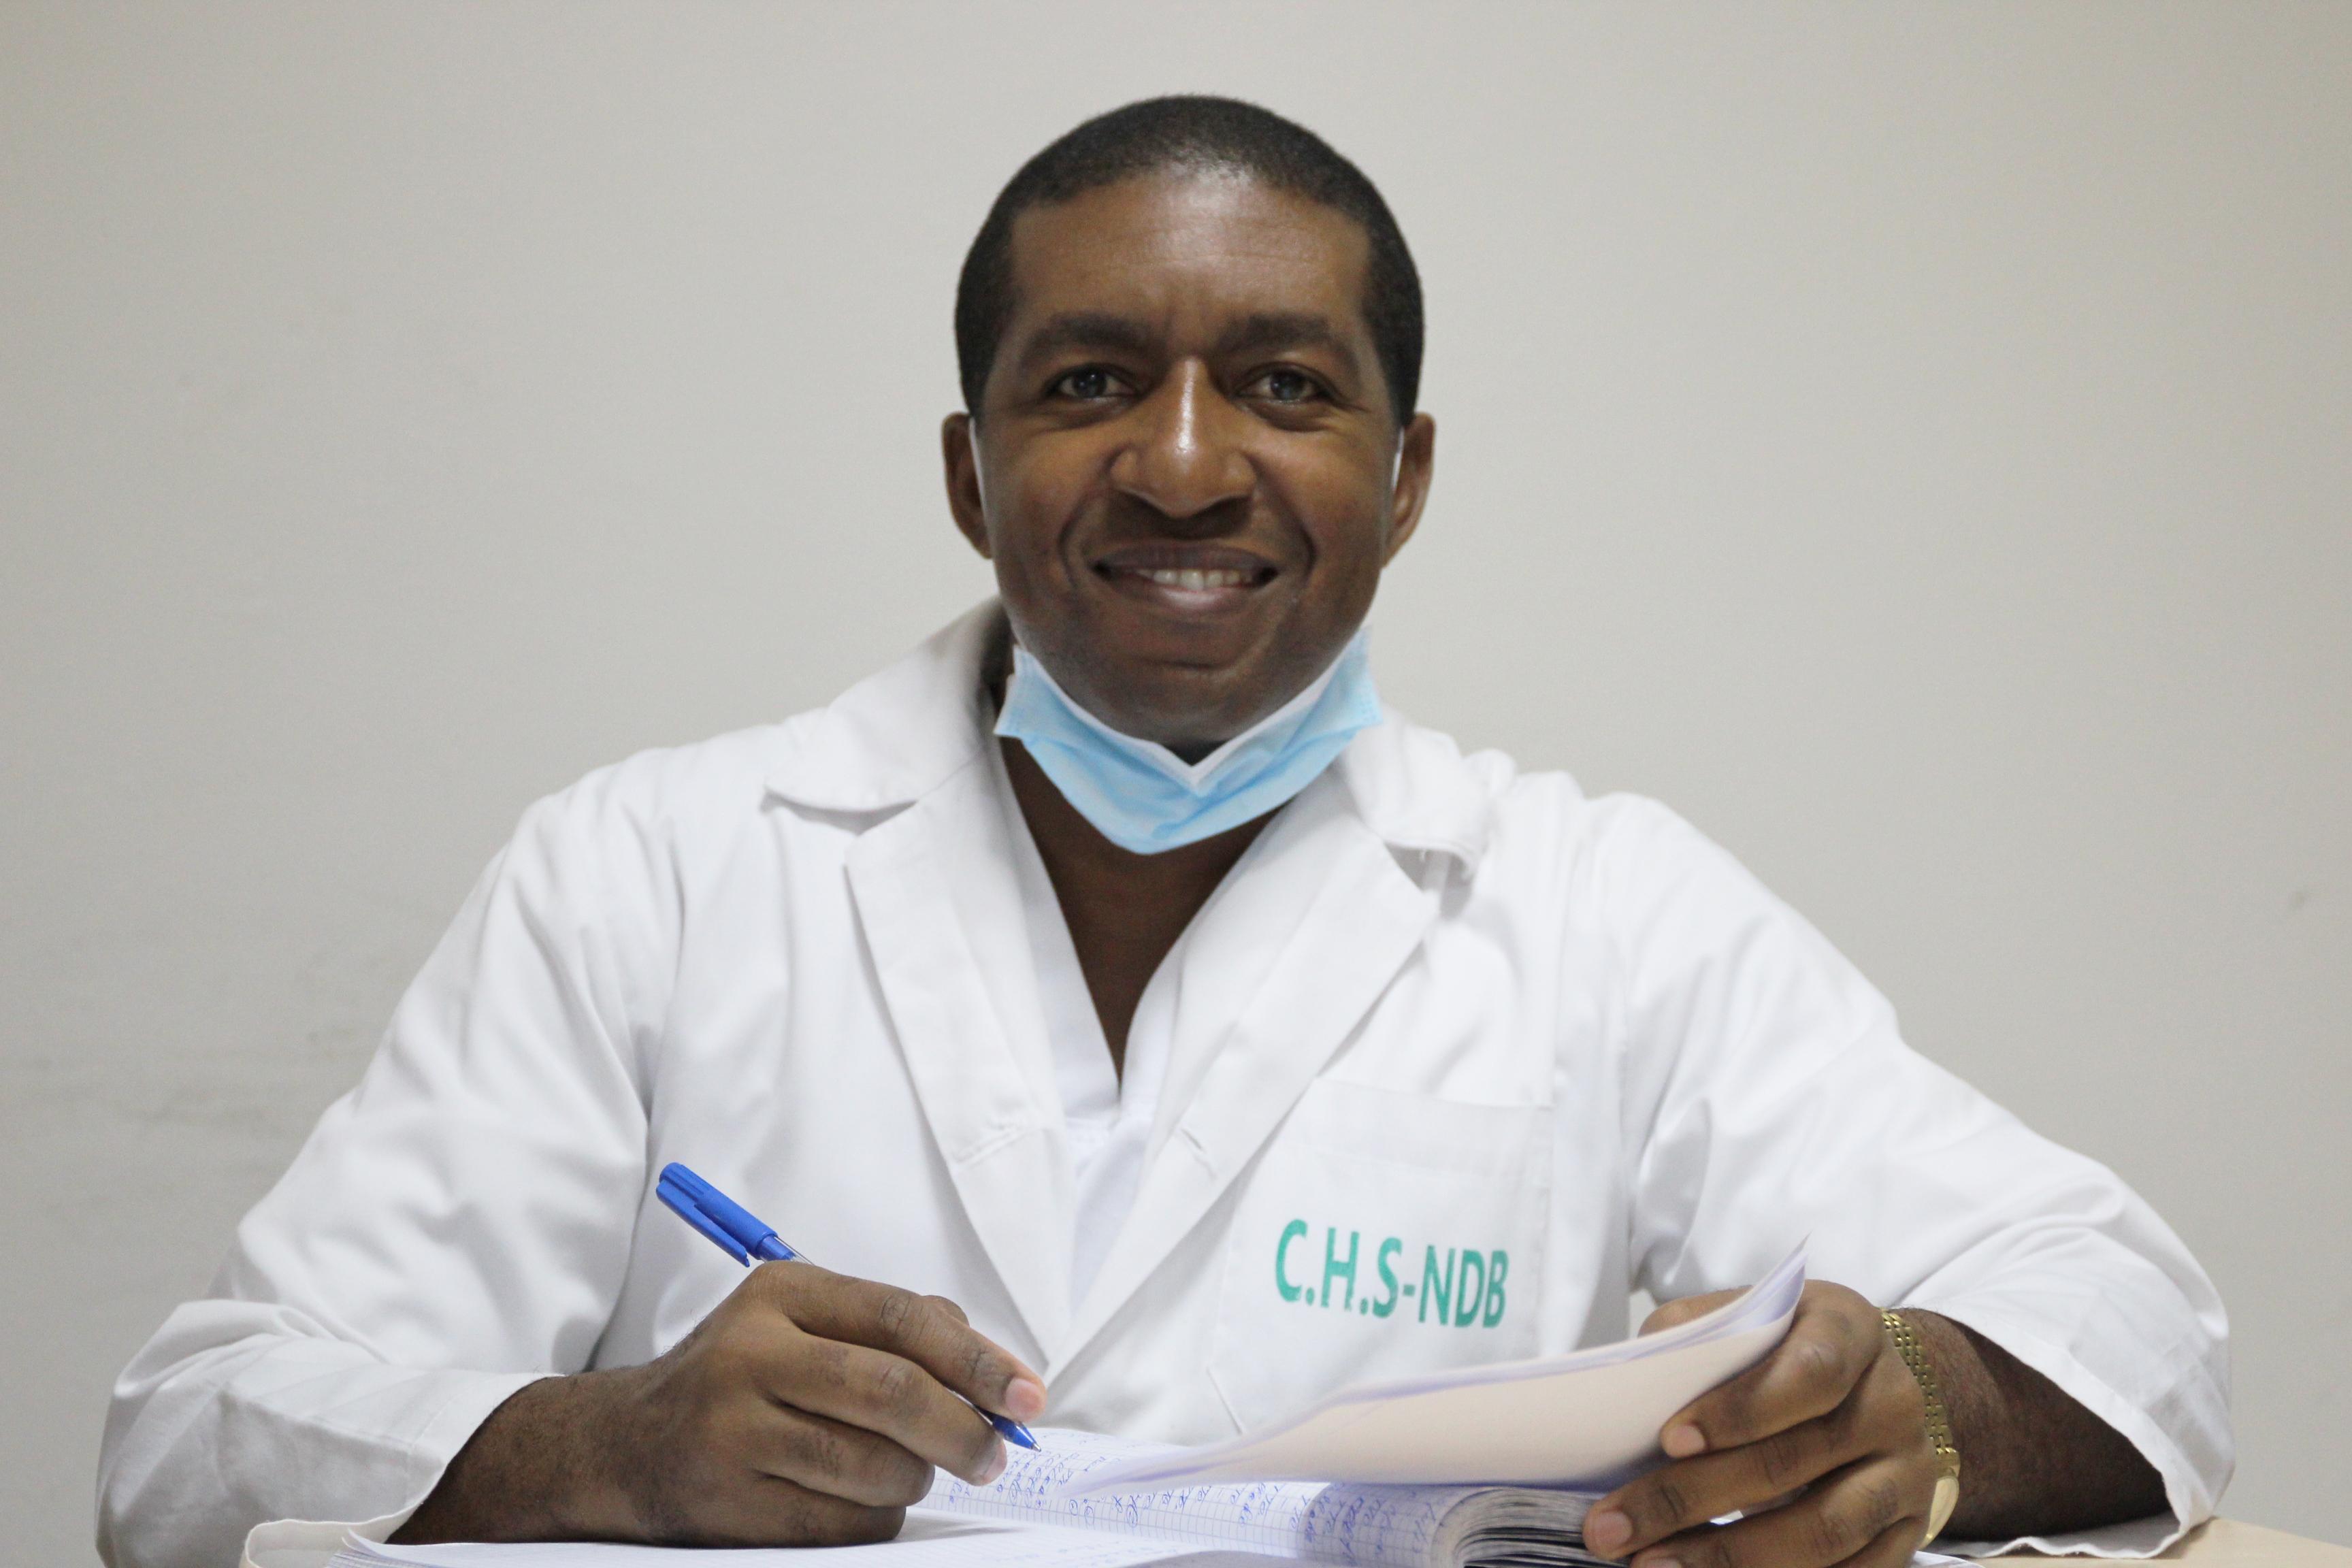 أخصائي جراحة الوجه والفكين